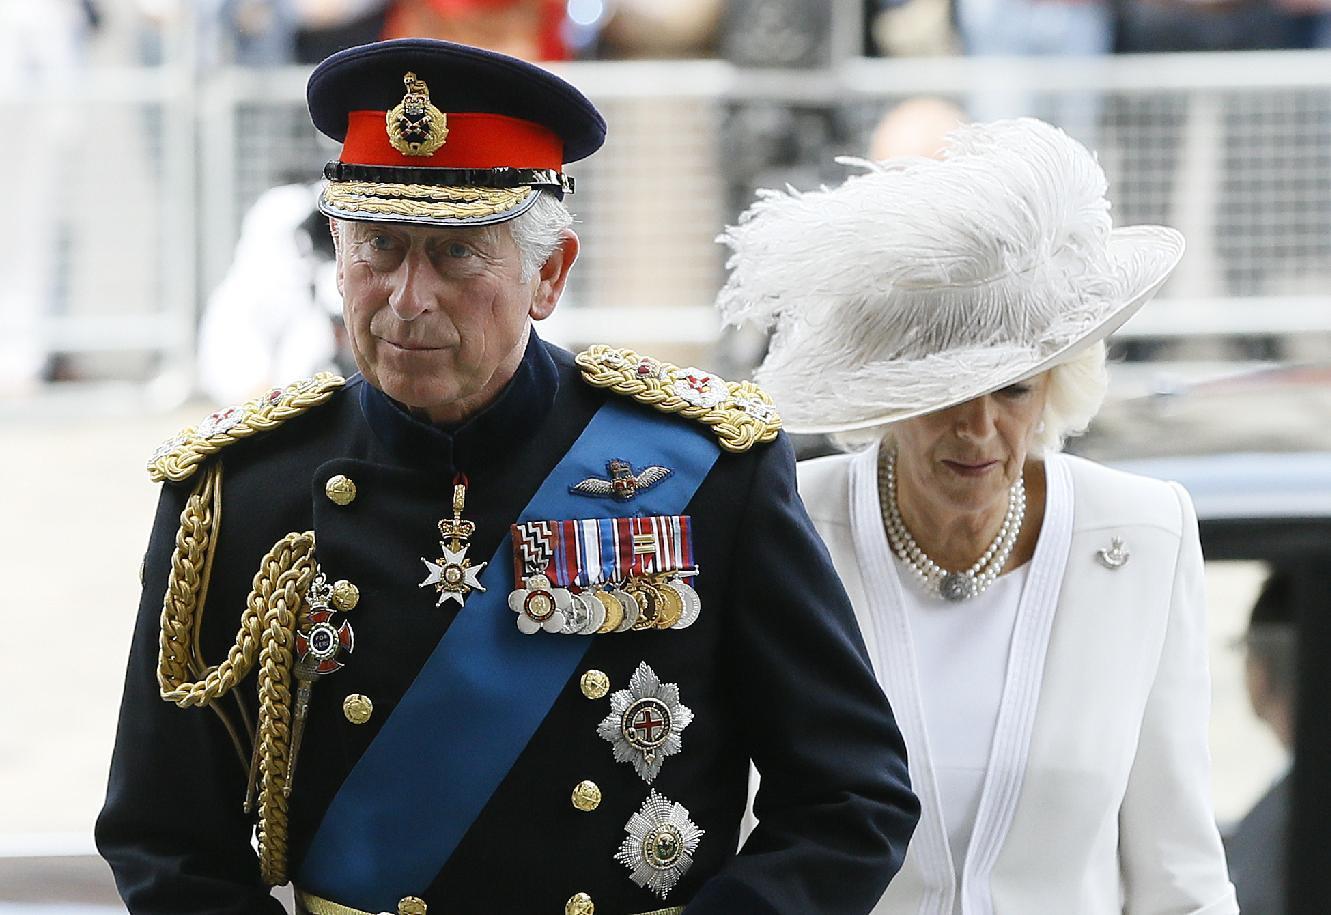 Casa Real de Gran Bretaña e Irlanda del Norte. - Página 8 23332462